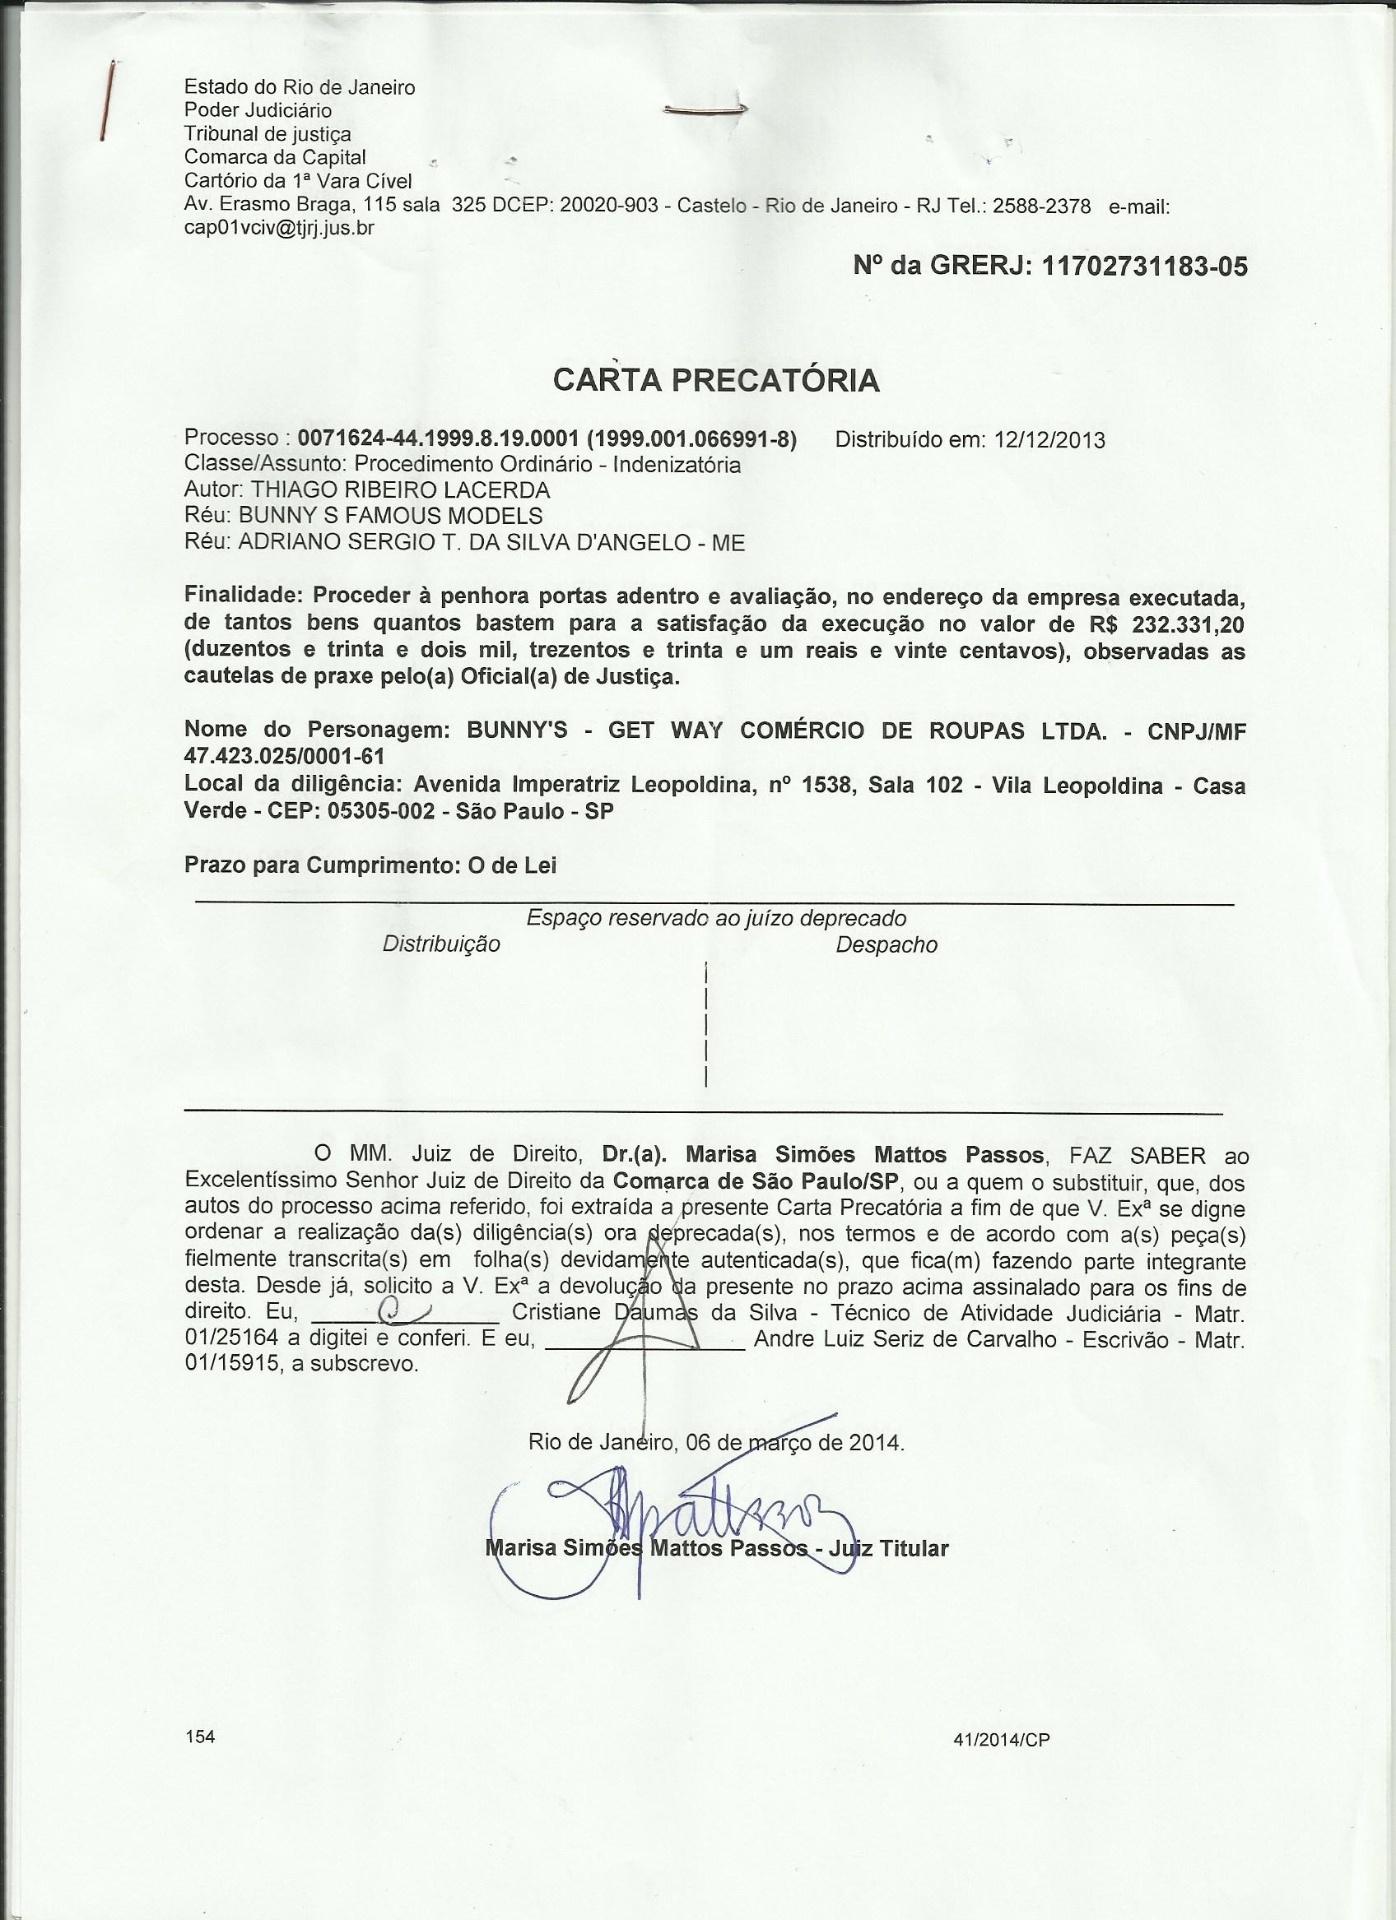 Carta precatória com a decisão do juiz Gustavo Guintanilha Telles de Menezes, da 1ª Vara Cível do Rio